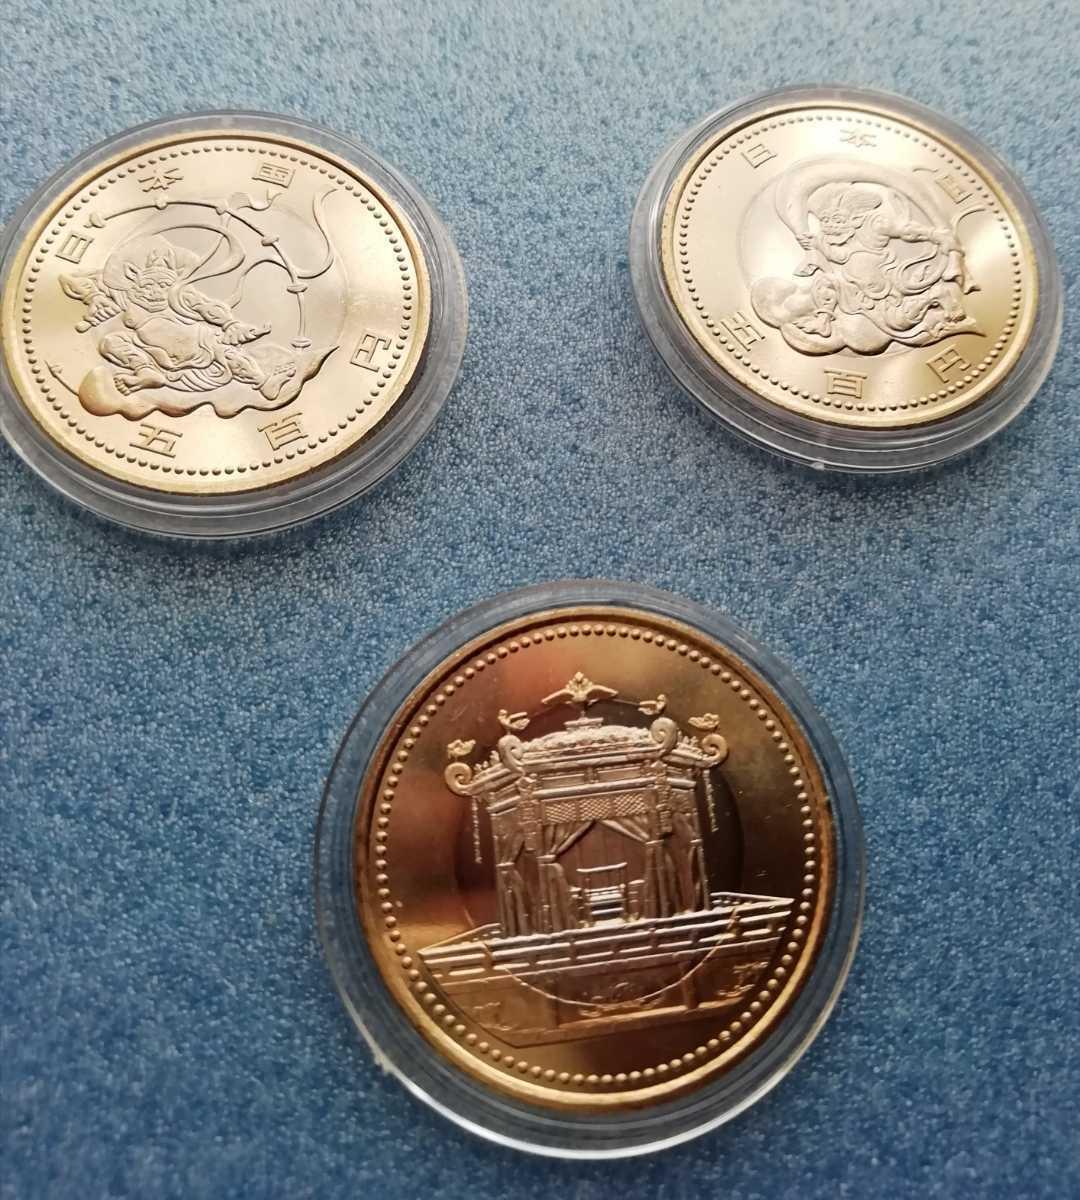 【送料無料・匿名配送】◆《rfW》令和500円記念硬貨セット⑨◆東京2020オリパラ◆雷神★風神◆天皇御即位記念硬貨■計3枚◆カプセル付